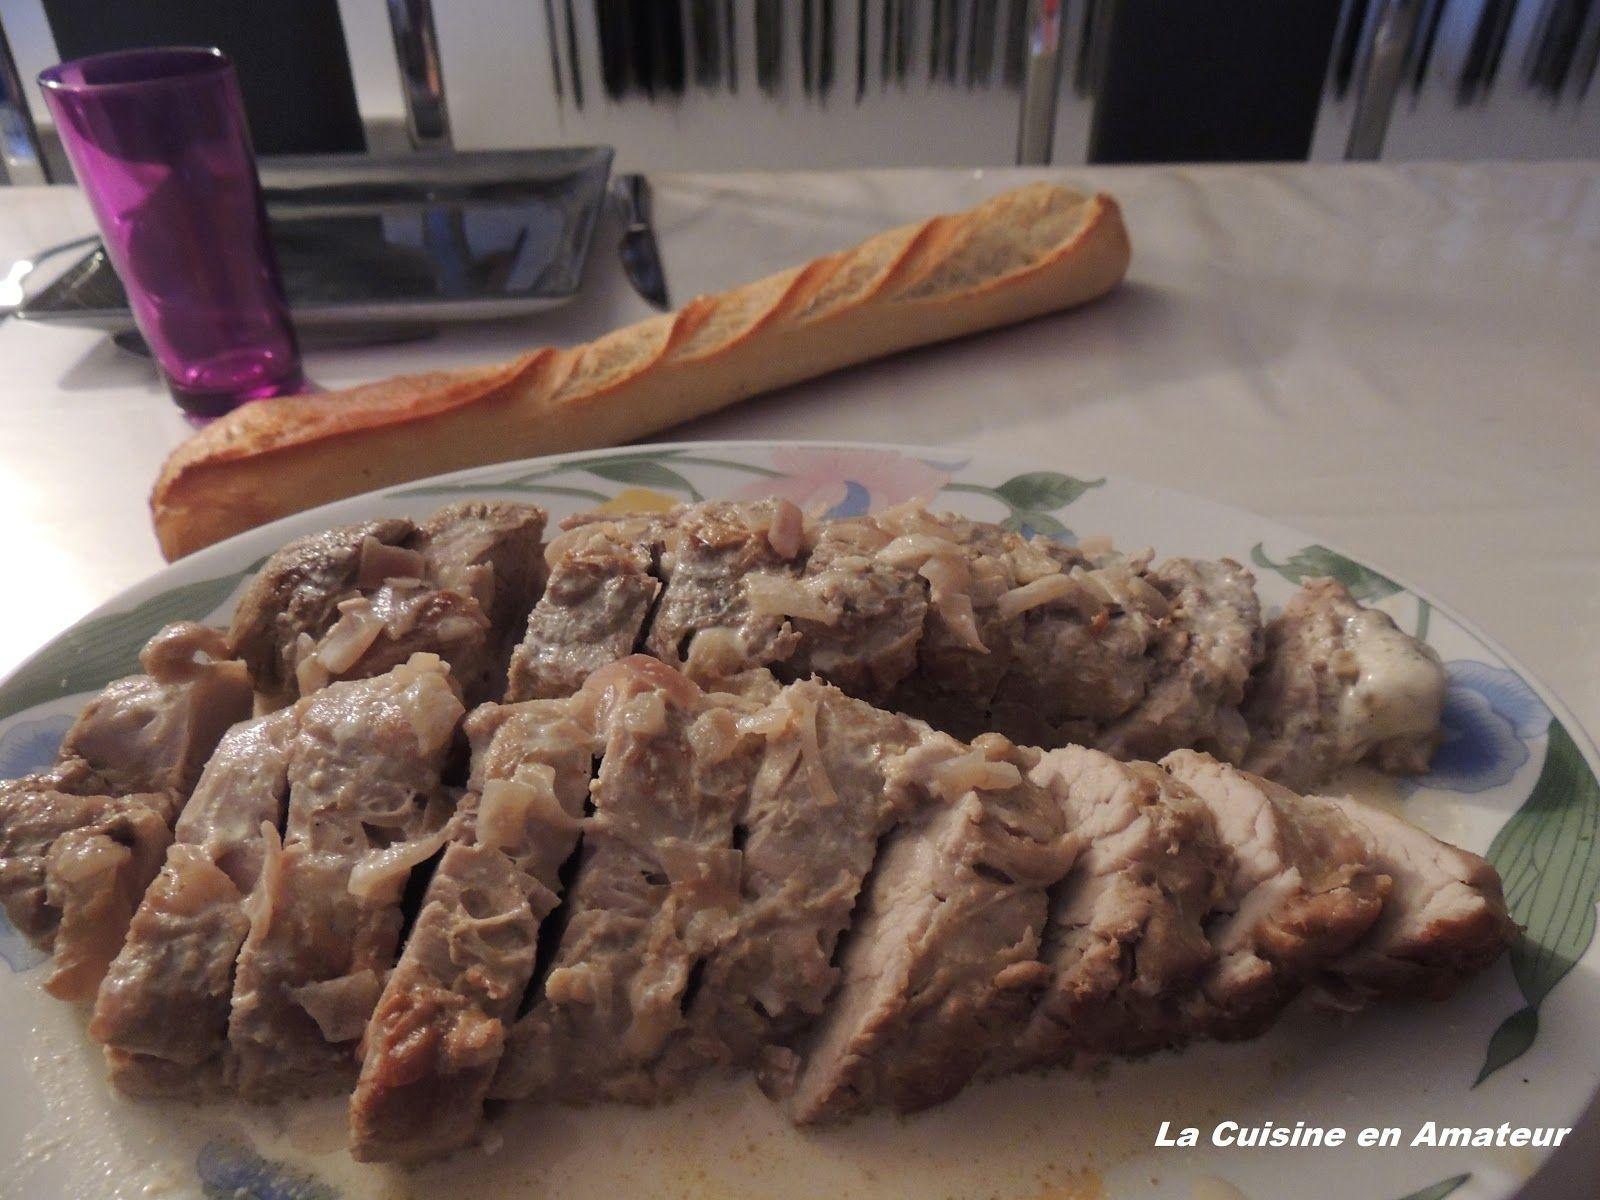 La cuisine en amateur de Maryline: Filet mignon à la crème et  moutarde